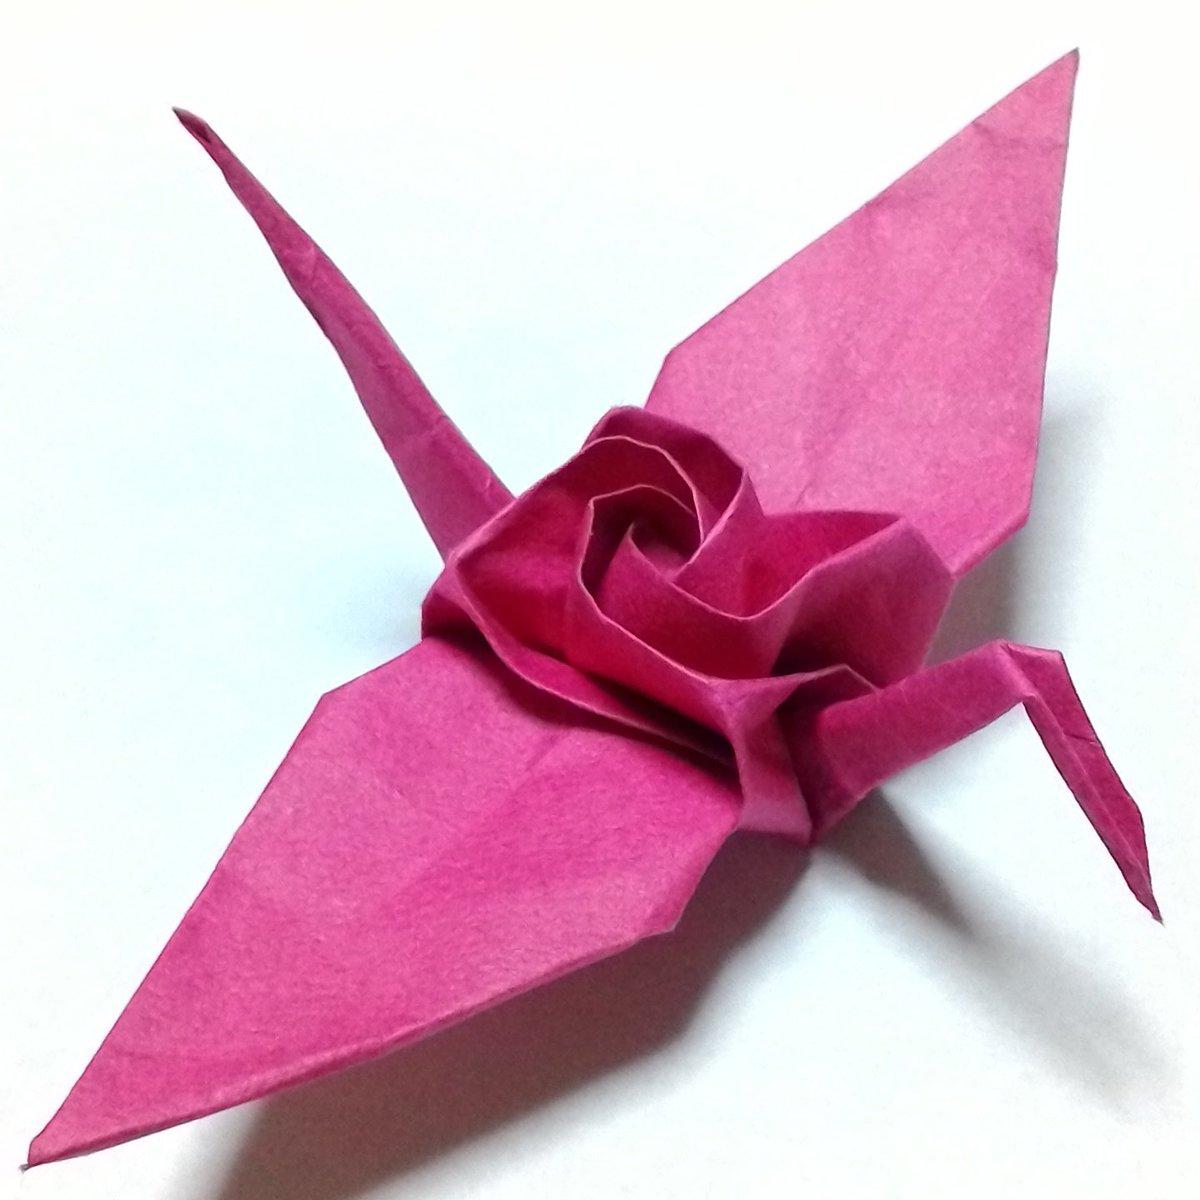 クリスマス 折り紙 折り紙 つる : twitter.com